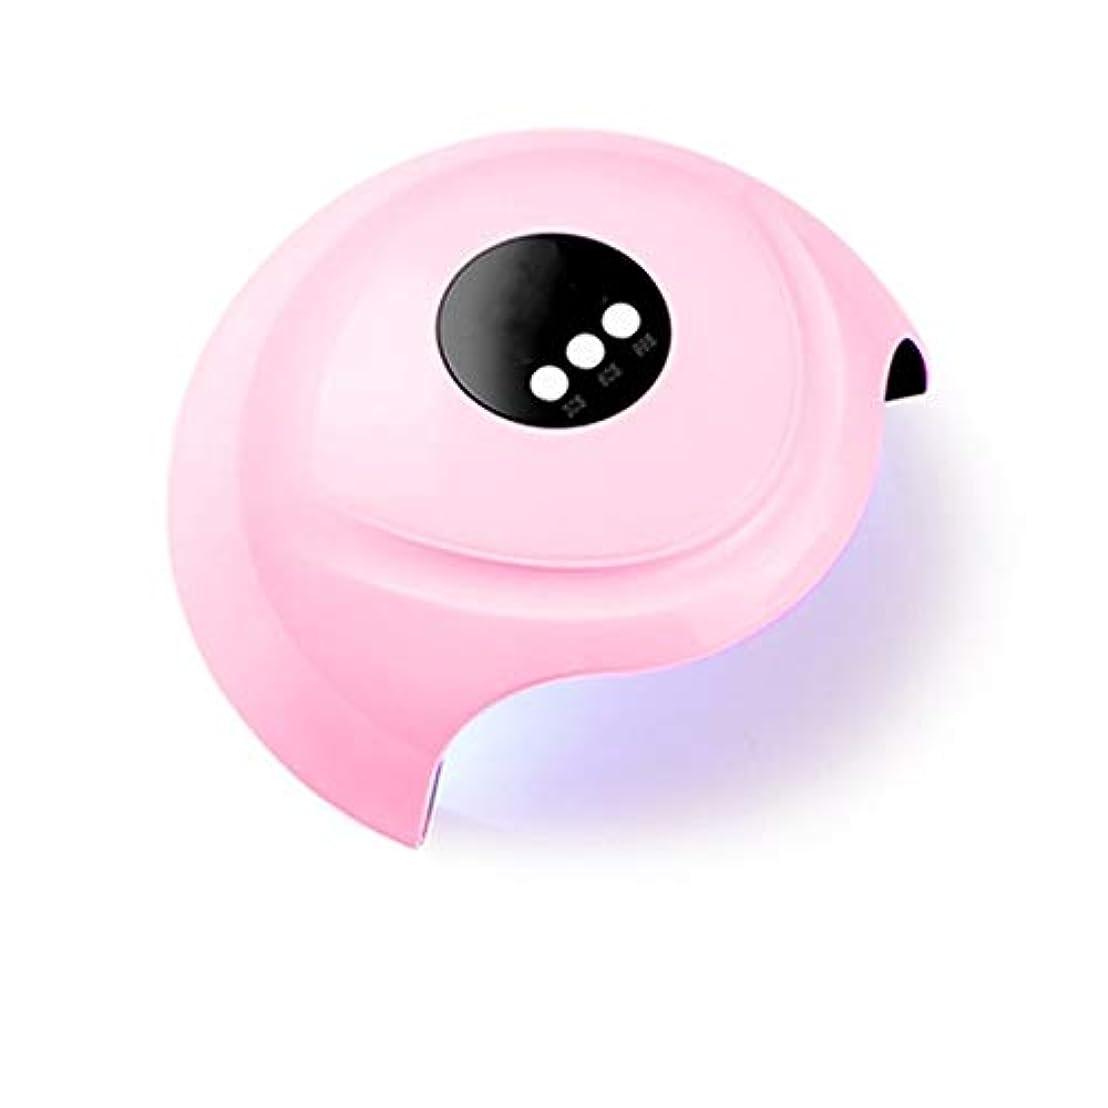 憂鬱結婚式アライメントLittleCat スマートセンサ36WランプLED / UVライトセラピーランプ3ギヤ自動時限ヒートランプUSBポーランドガムネイル (色 : Pink sensorless LCD)